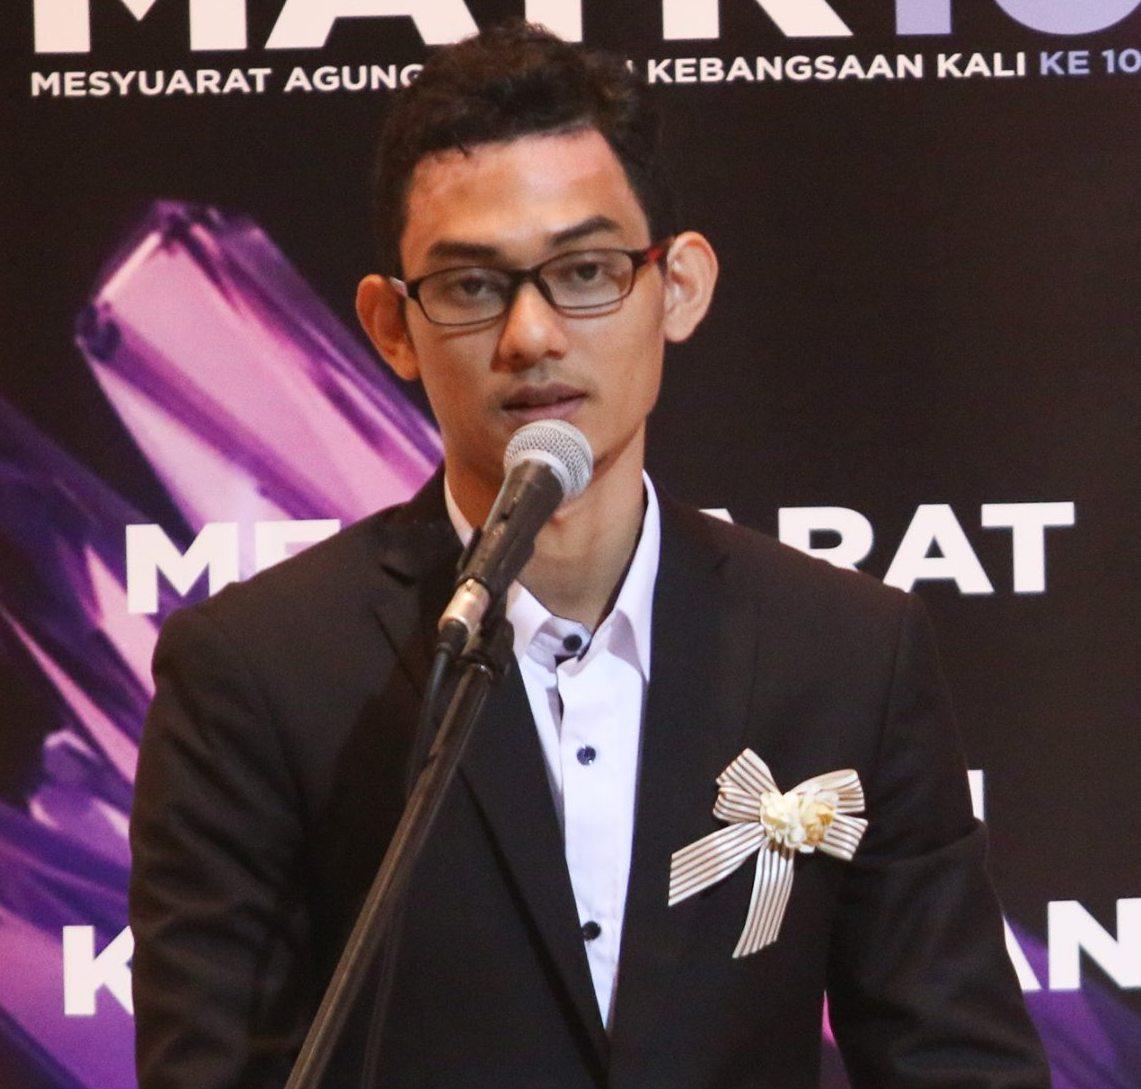 Pembina Menyambut Baik Keputusan Mesyuarat Kabinet Mewajibkan Kelulusan Bahasa Melayu, Harus Diperketat Lagi